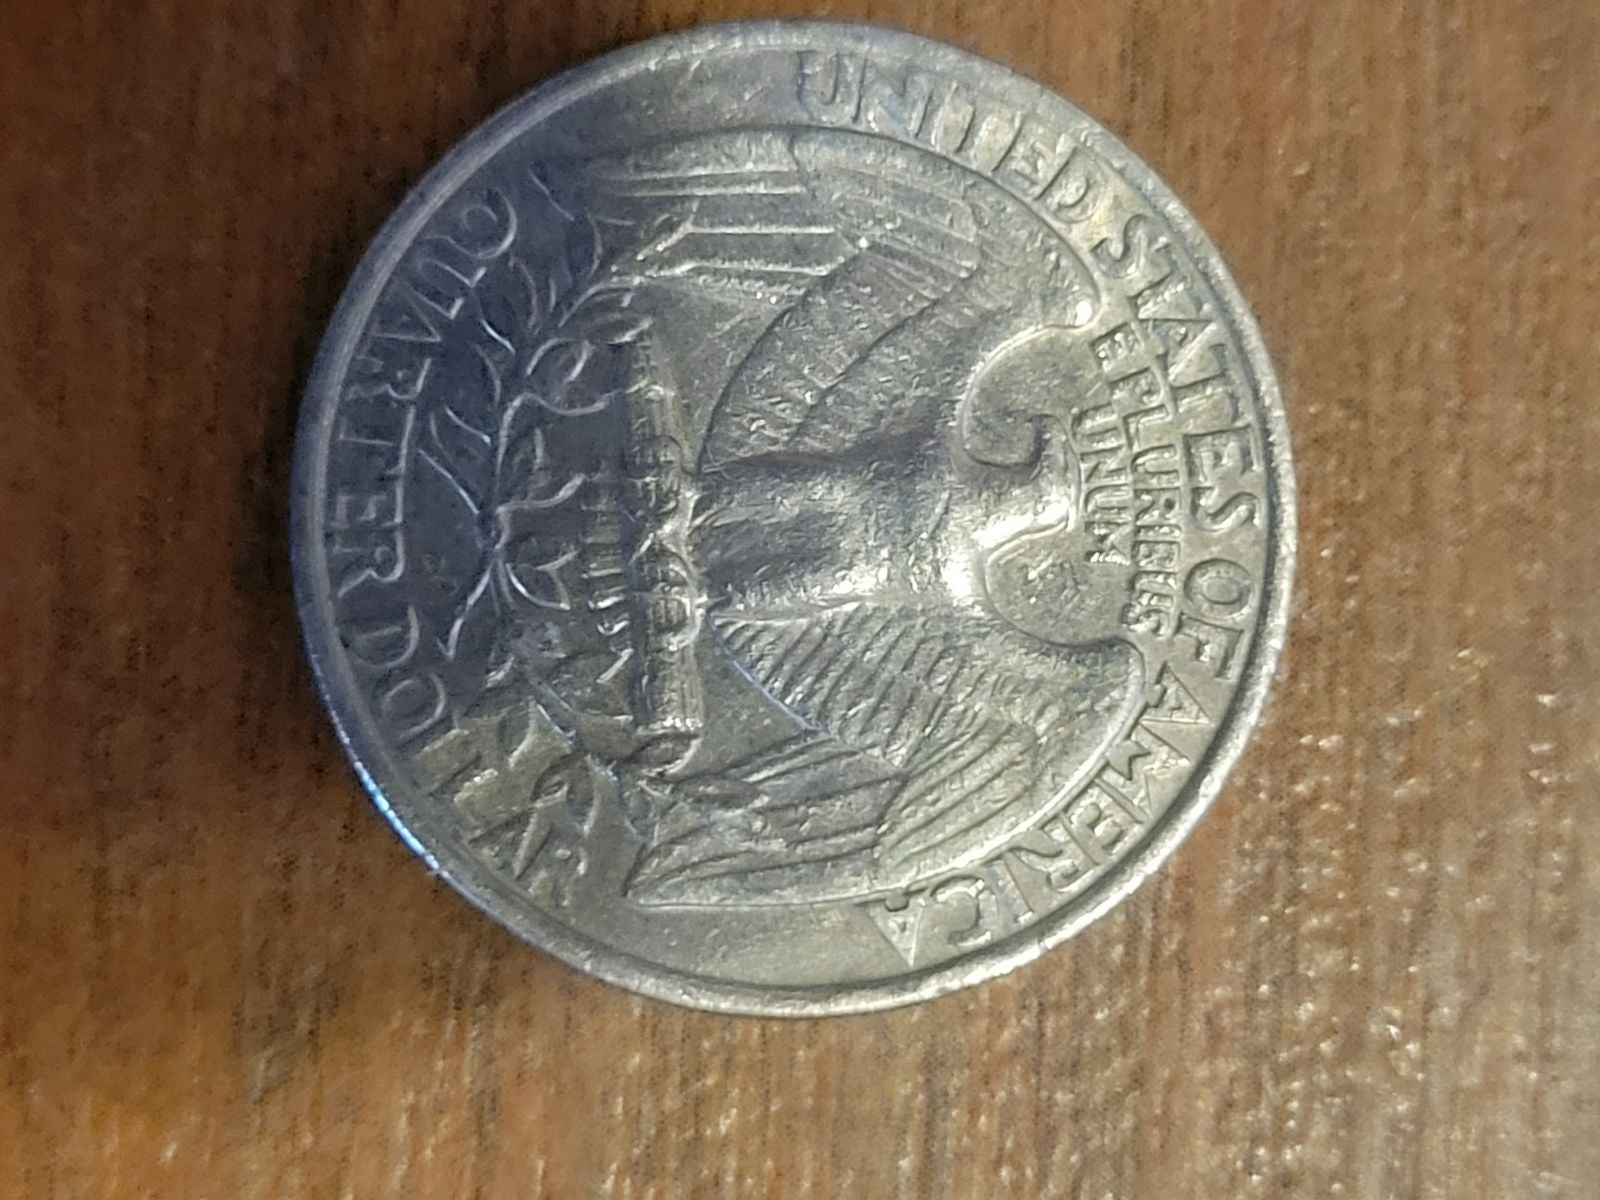 1977 Quarter No Mint